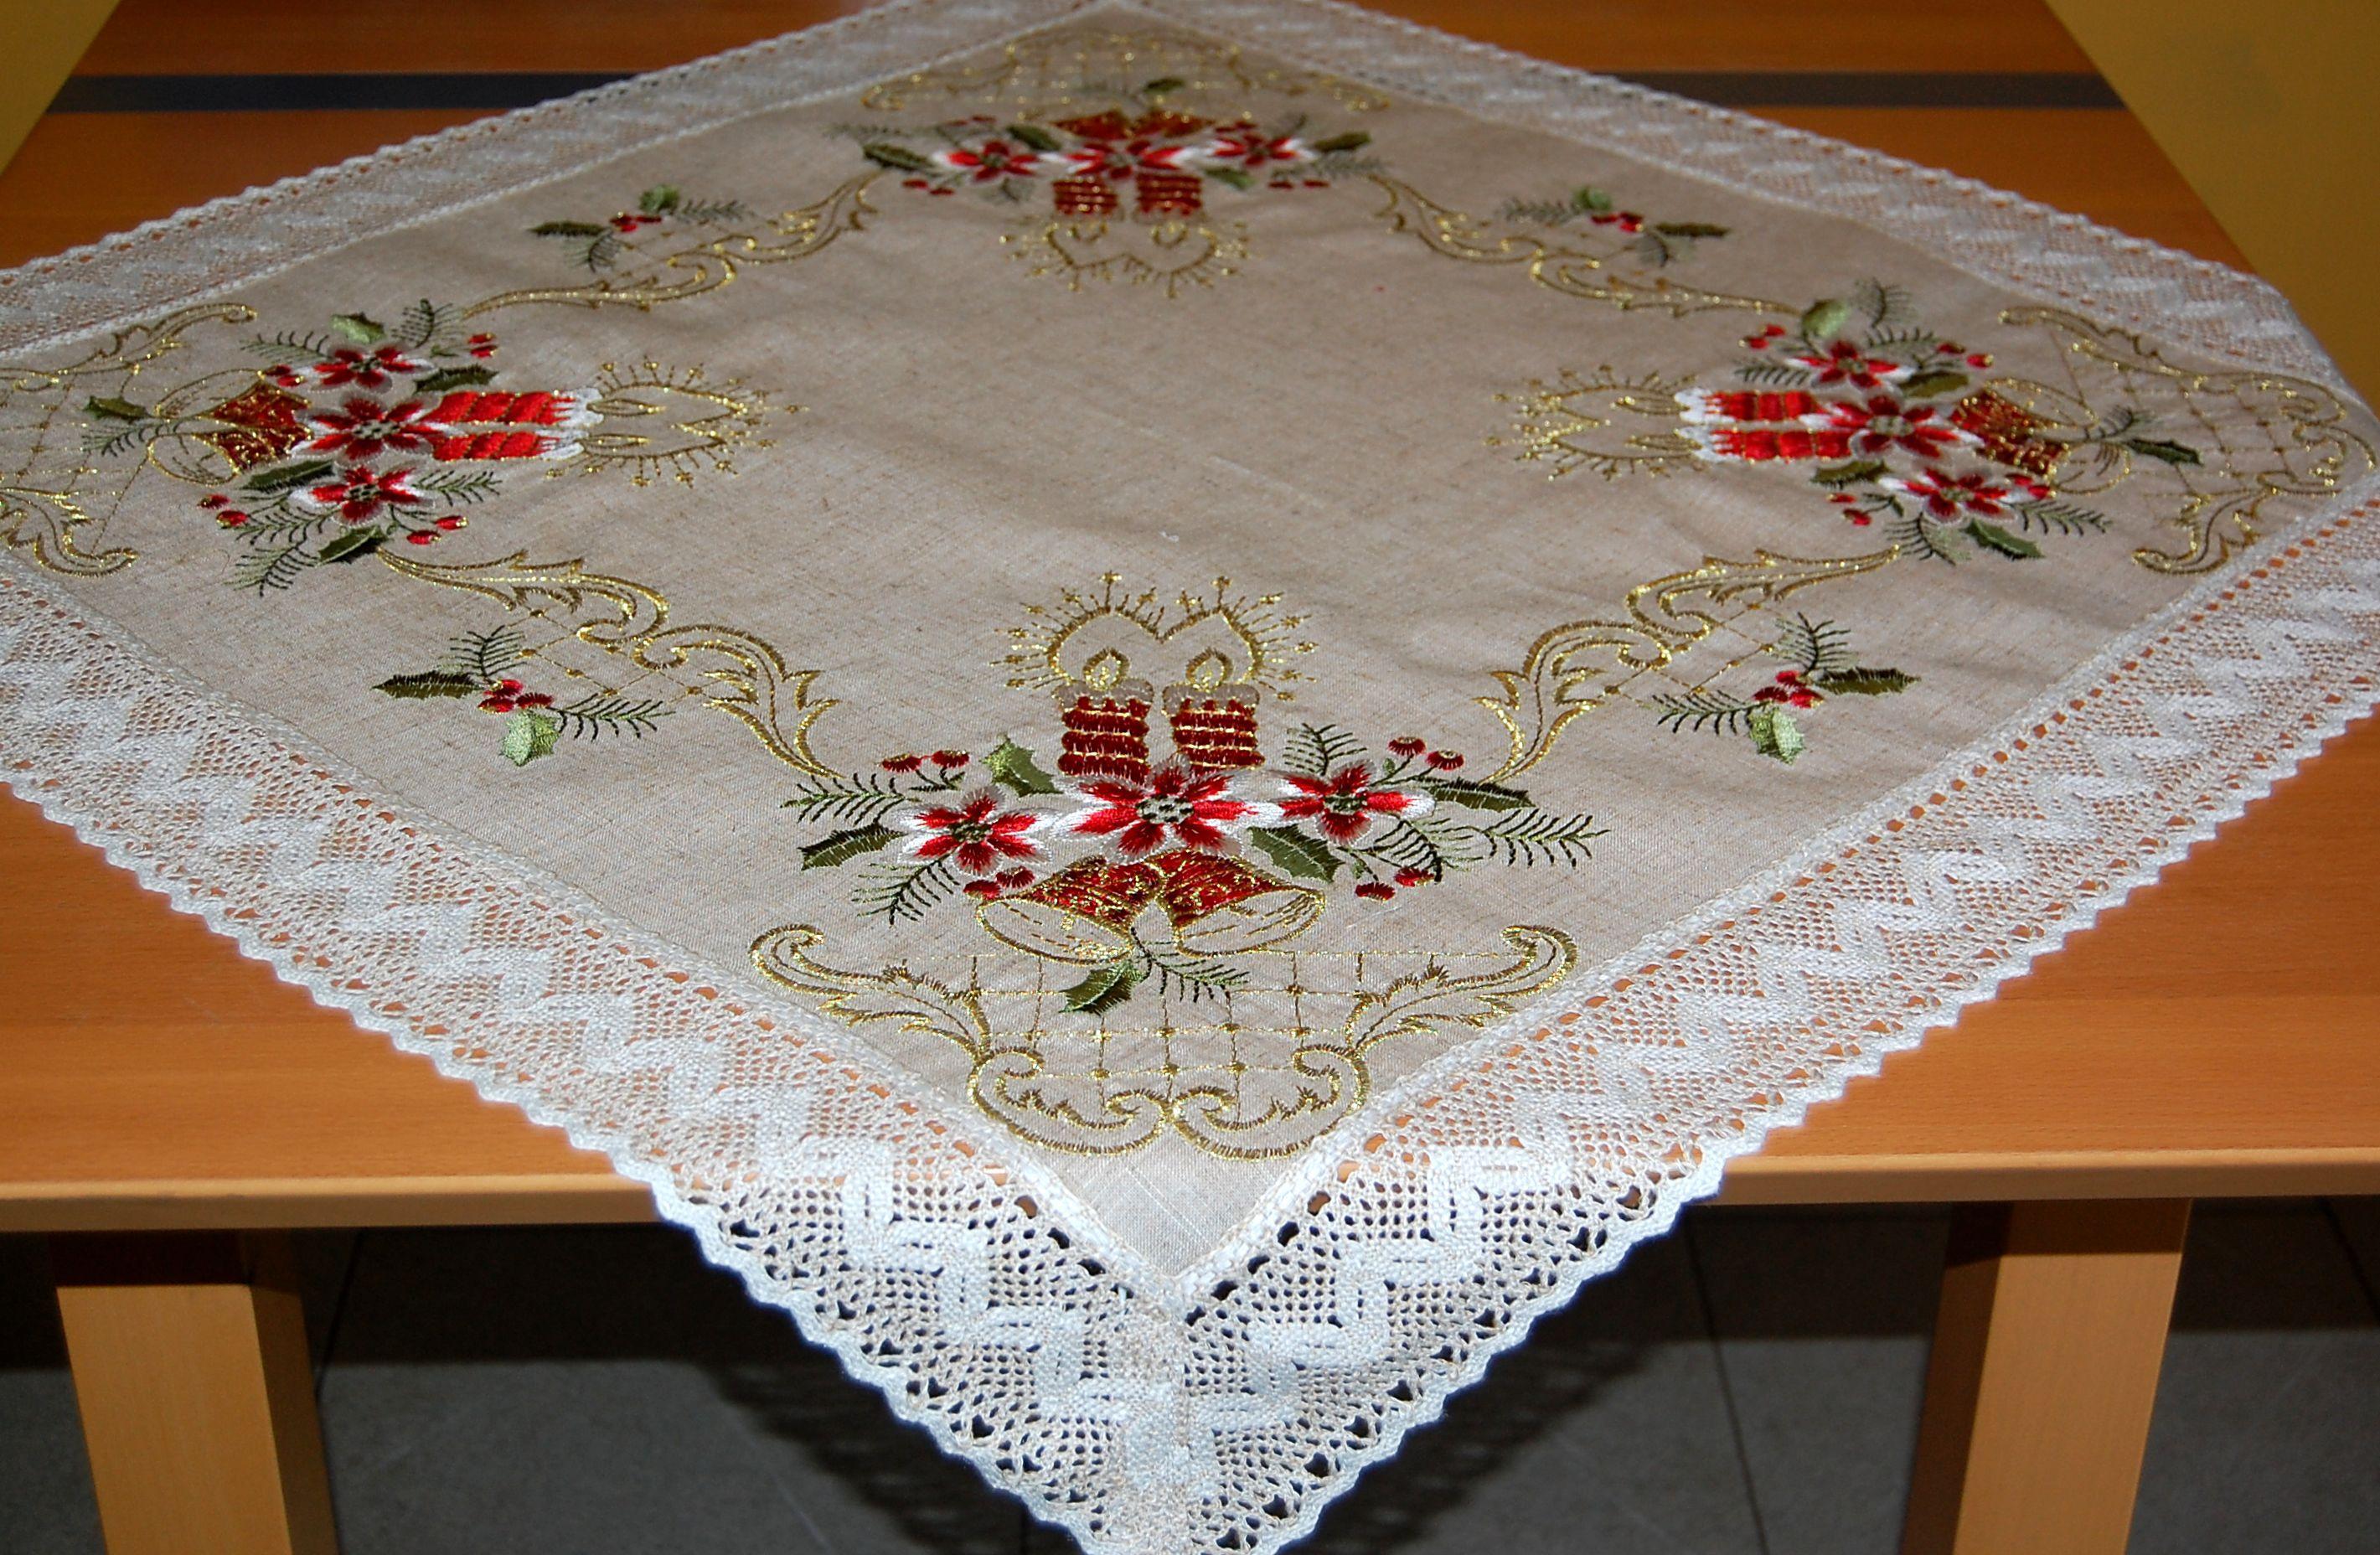 Tischdecke 85x85 cm WEIHNACHTEN rustikal beige Klöppelspitze Kerze ...